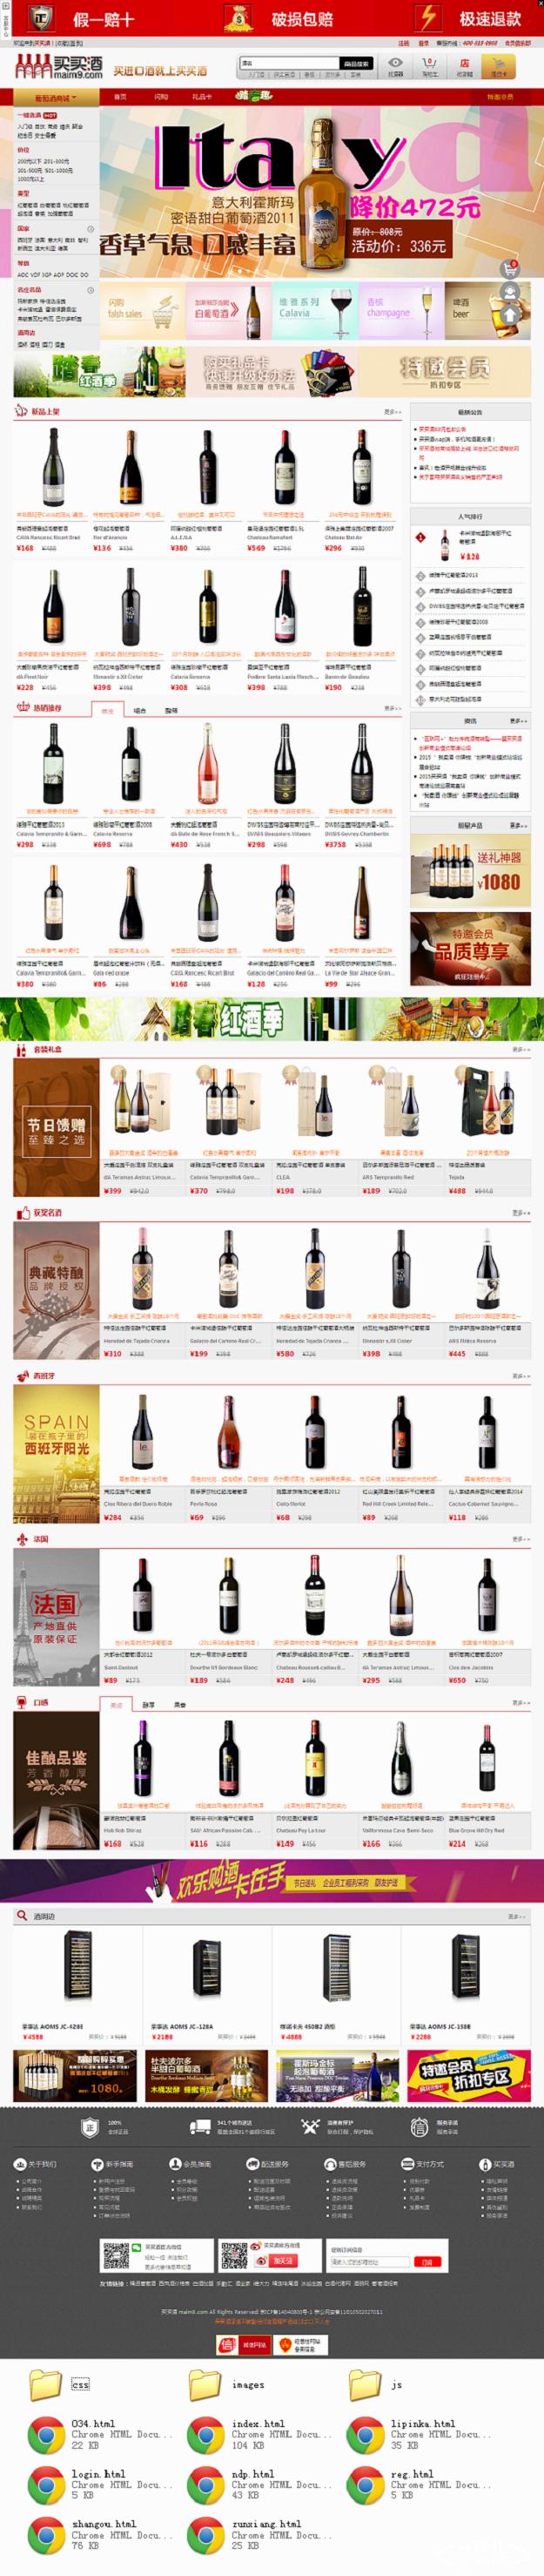 红色的买买酒葡萄酒商城全套模板源码.png